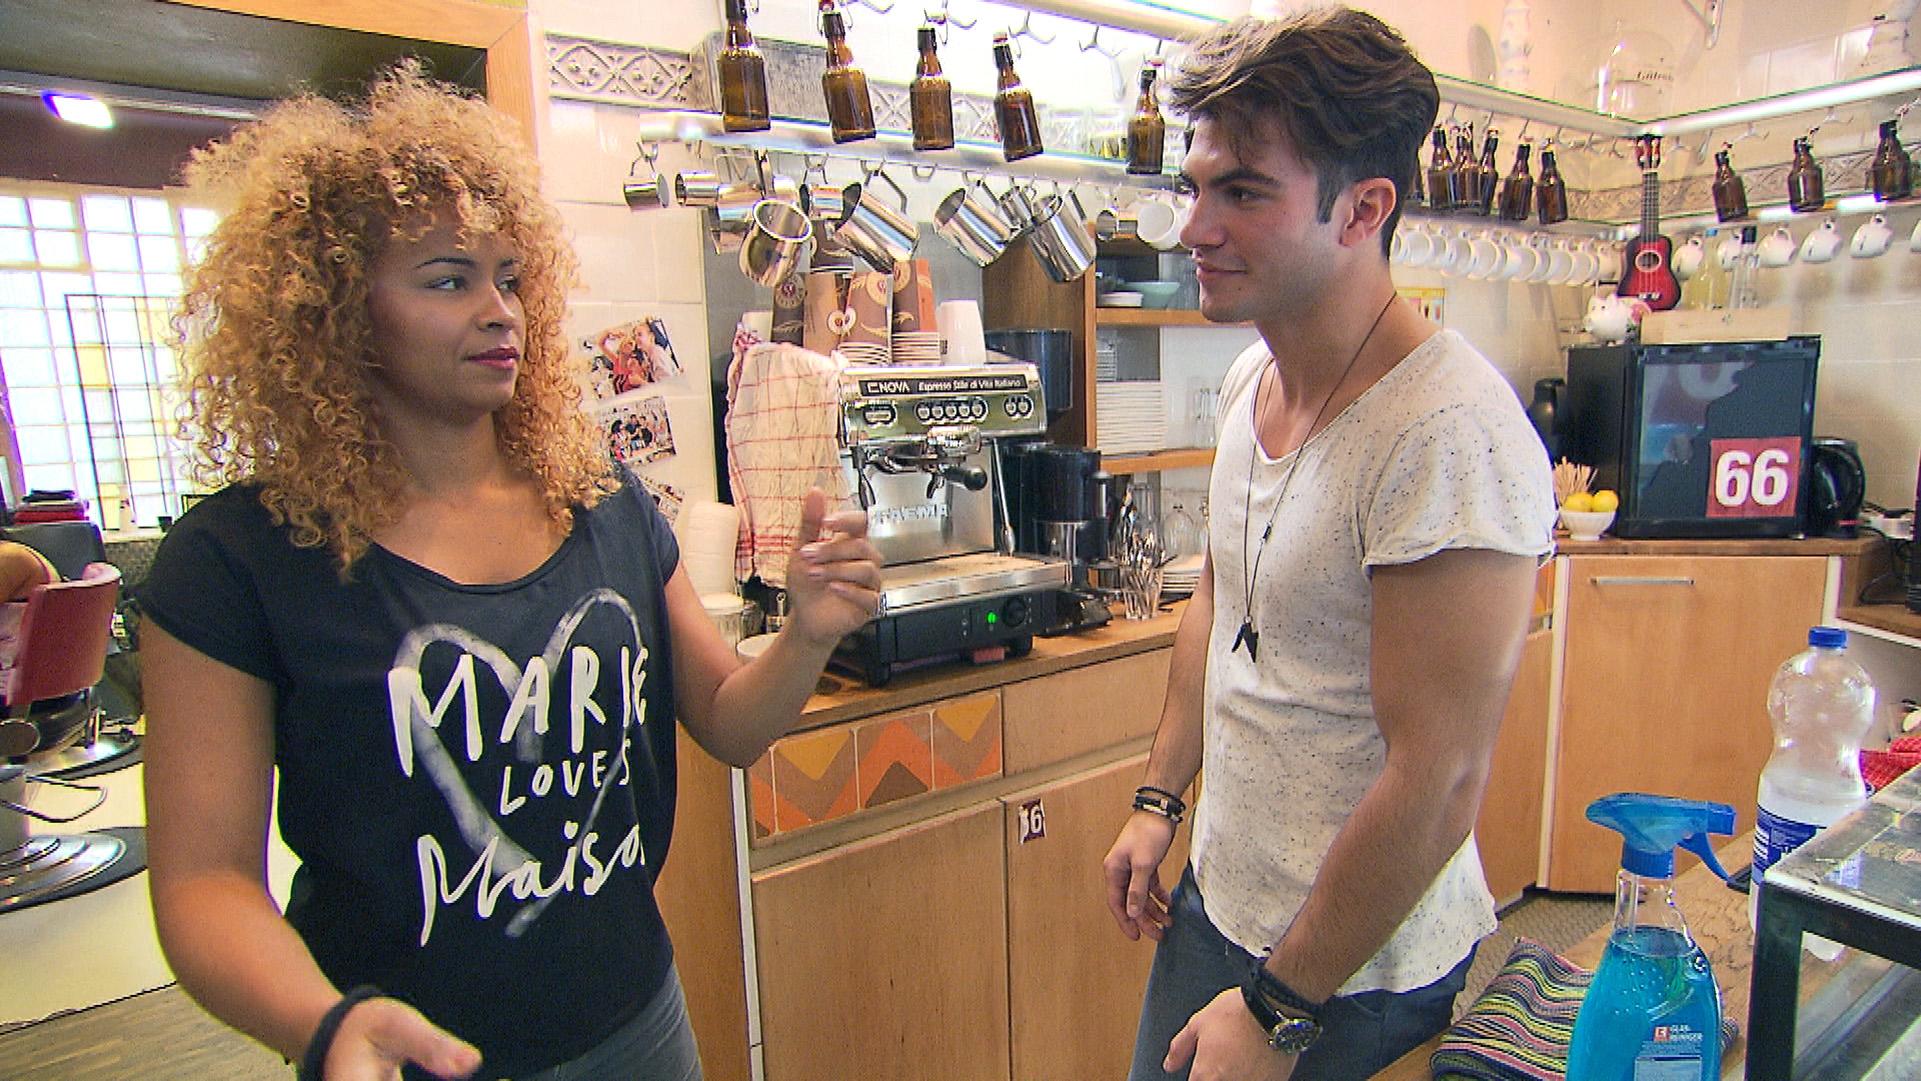 Sam kann sich des Gefühls nicht erwehren, dass der deutlich jüngere Filip mit ihr flirtet... (Quelle: RTL 2)